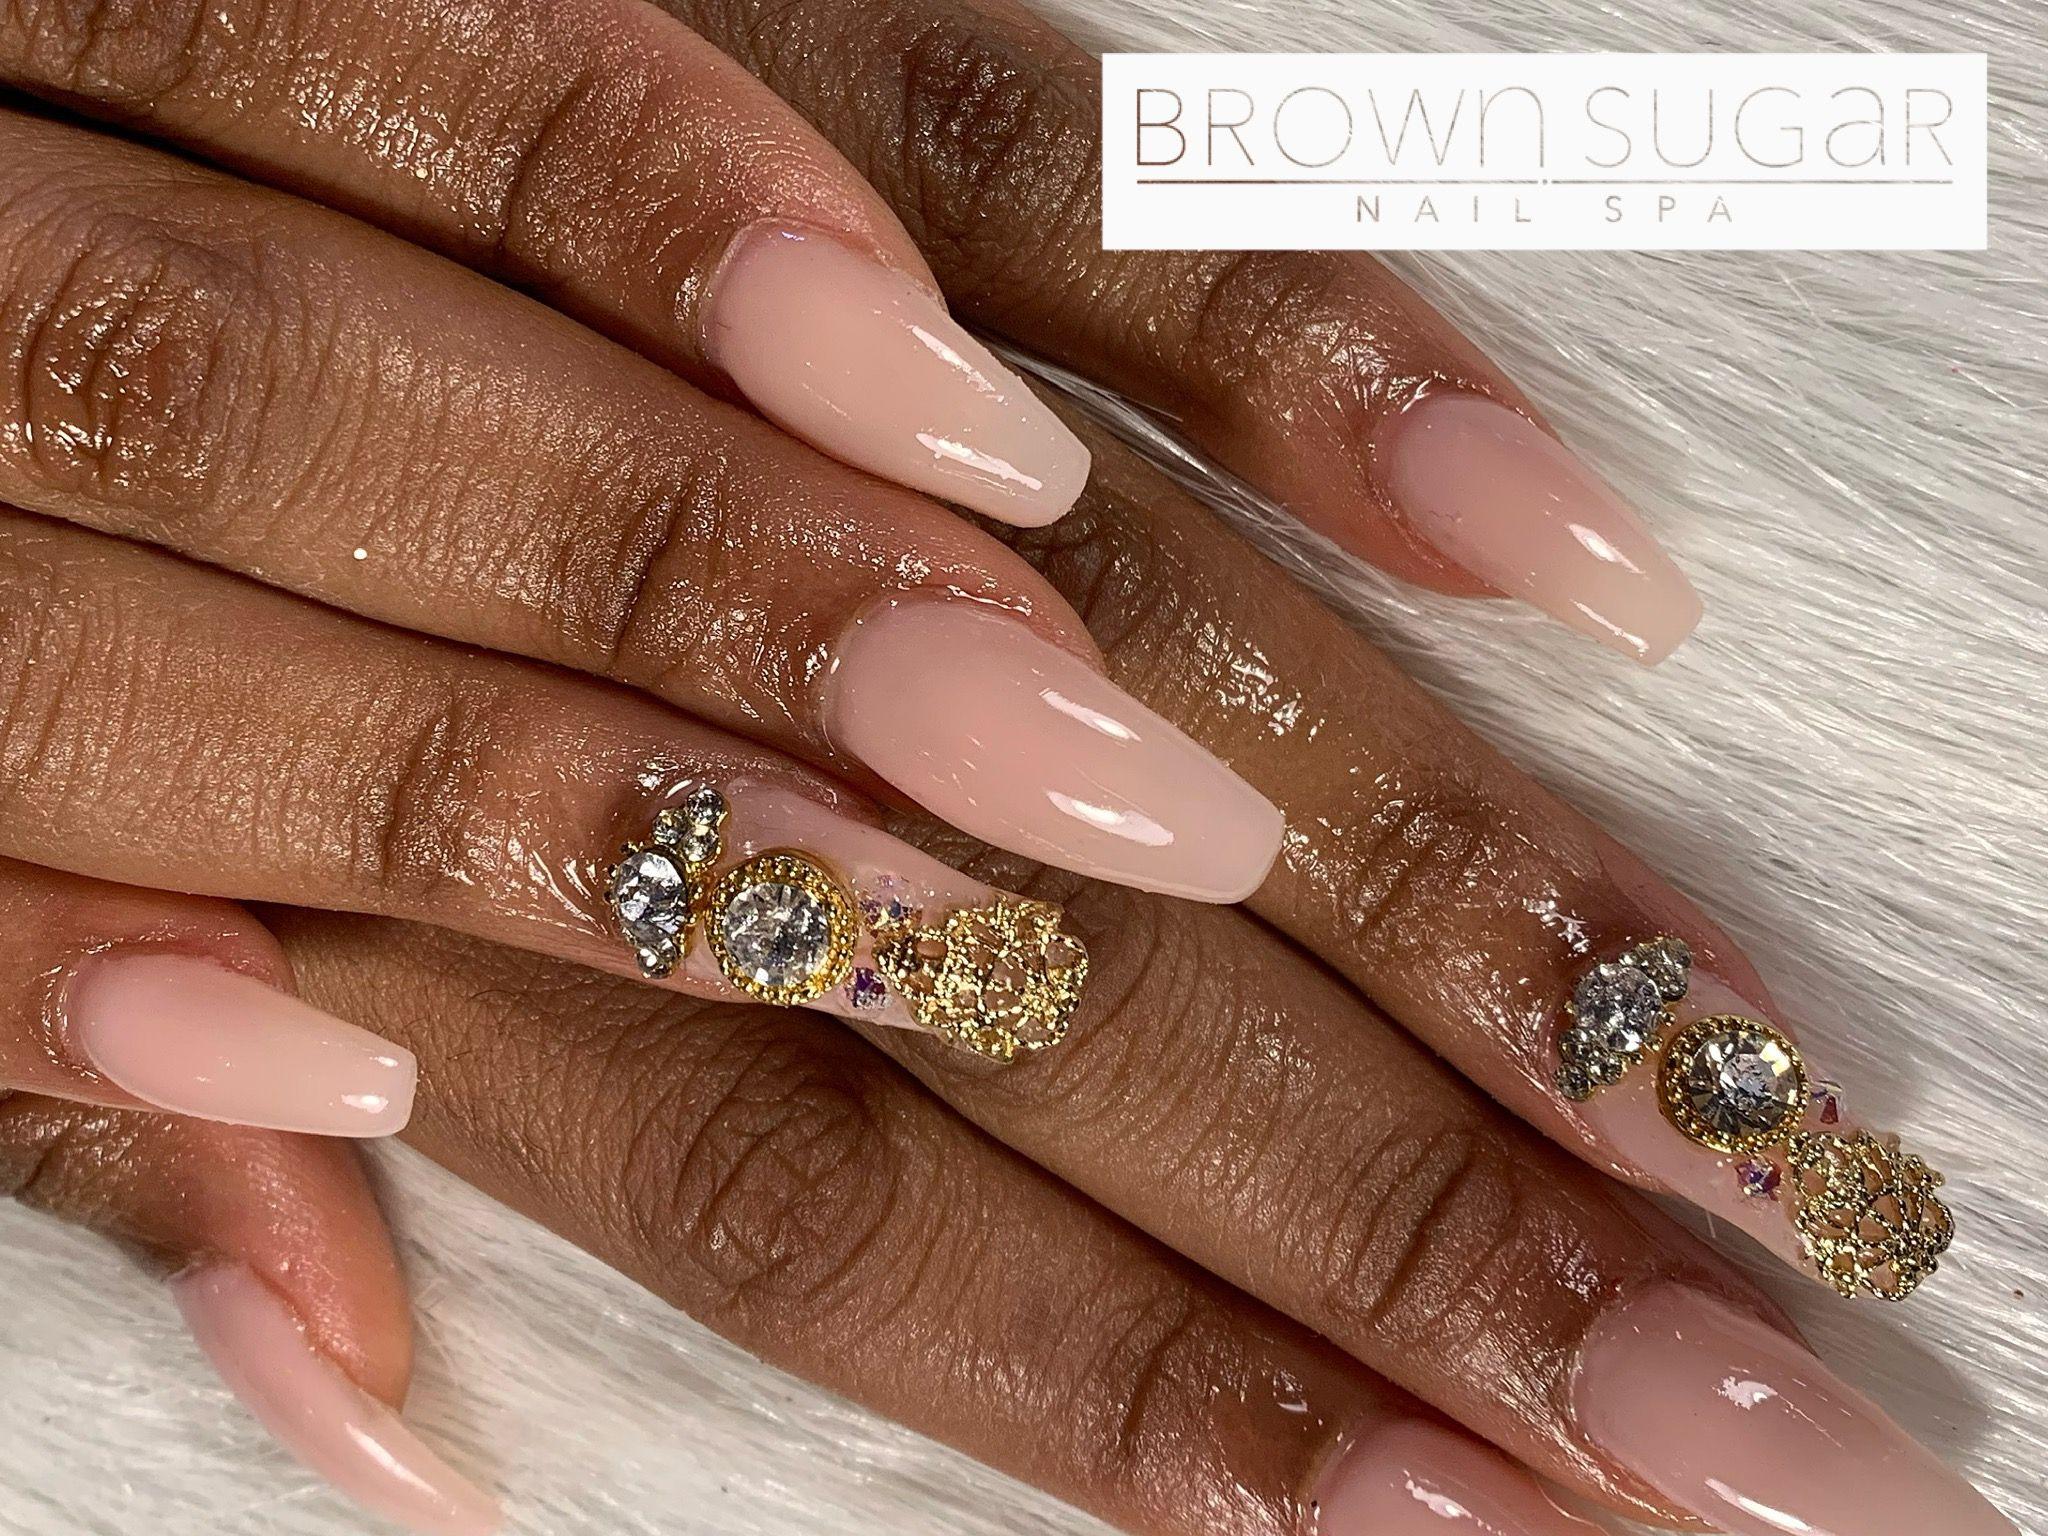 #nails #nailart #nailpolish #bling #blingnails #blingbling #pink #pinknails #youngnails #swarovski #swarovskinails #swarovskicrystals #accentnails #brownsugarnailspa  #weddingnails